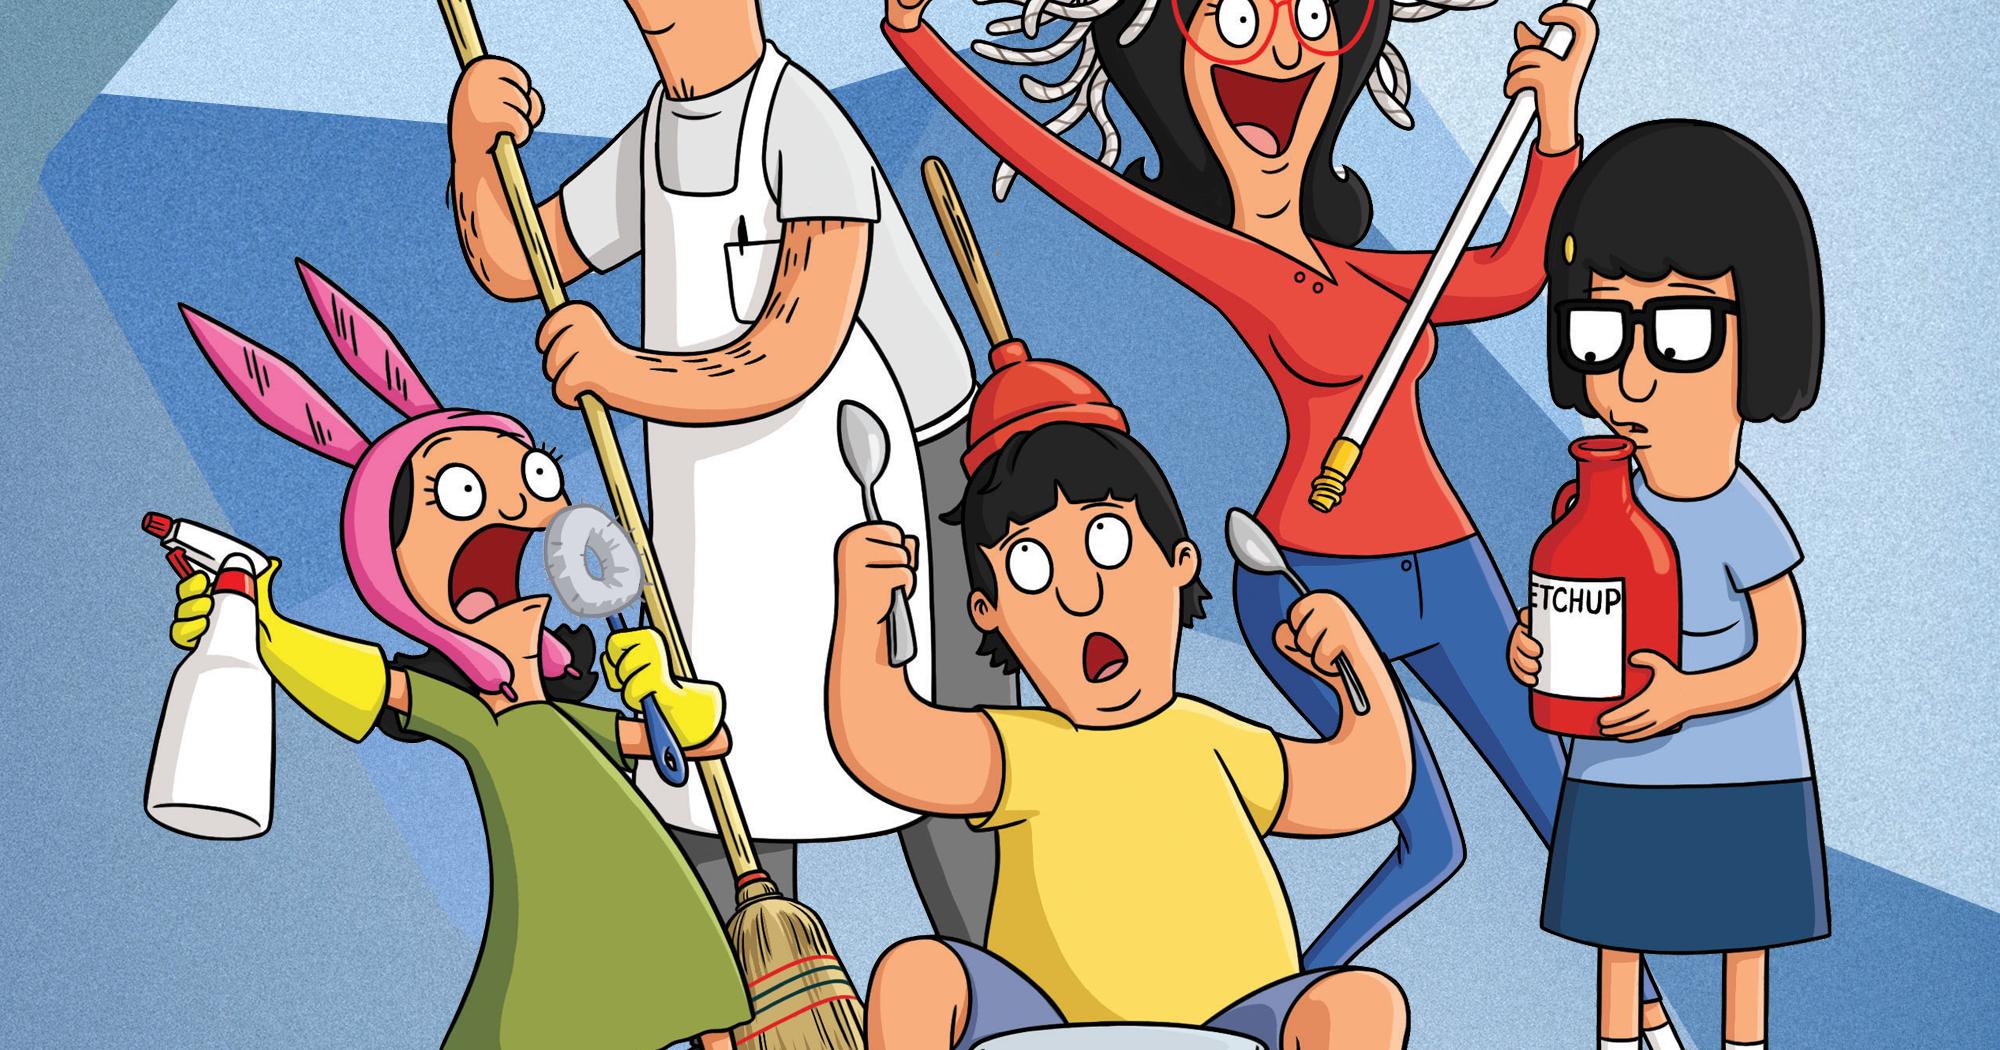 Adult cartoon series